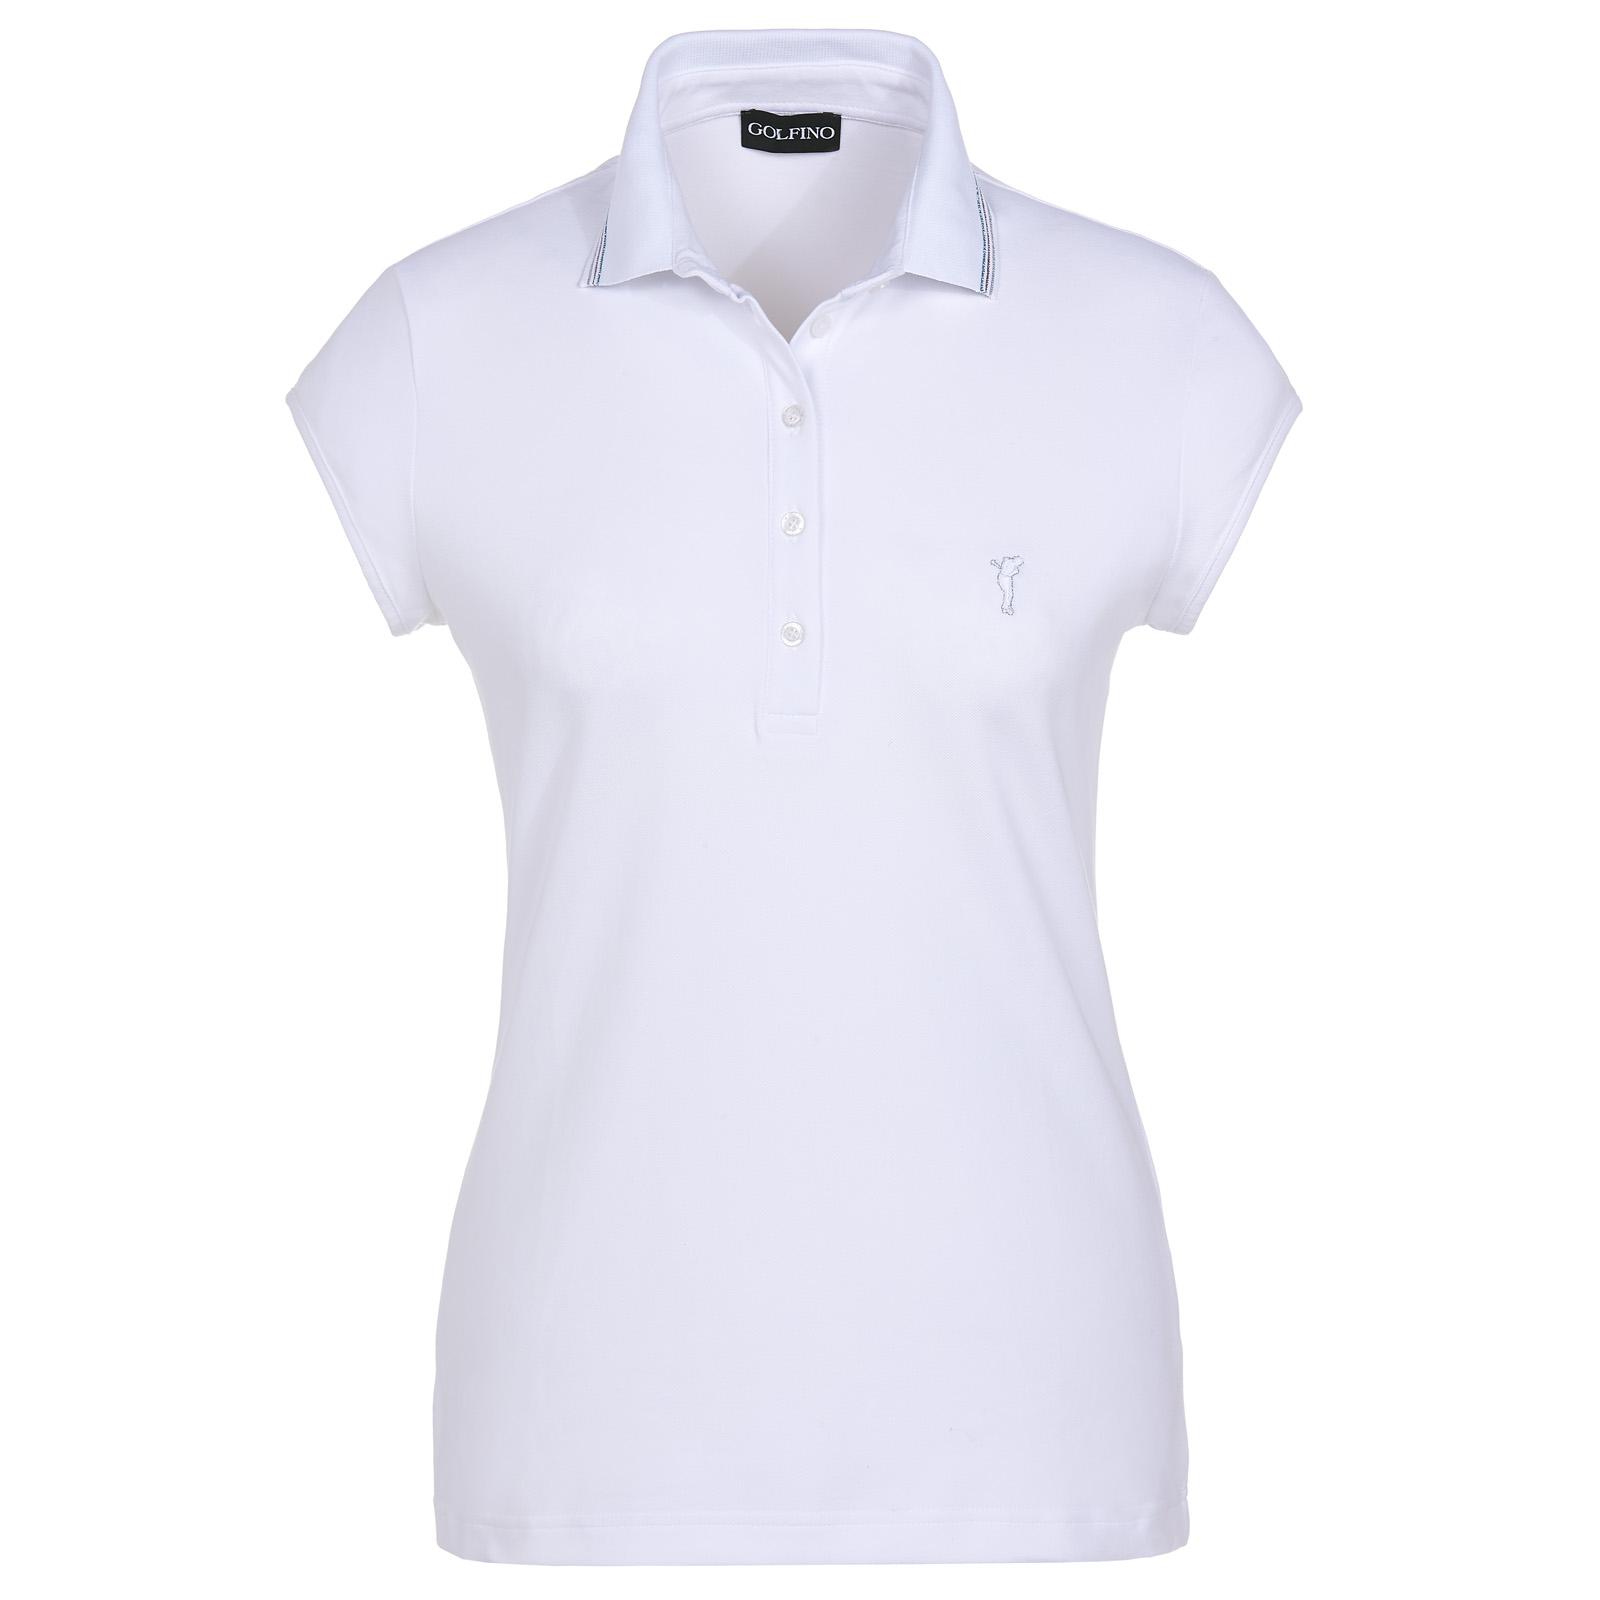 Damen Poloshirt mit UV-Schutz